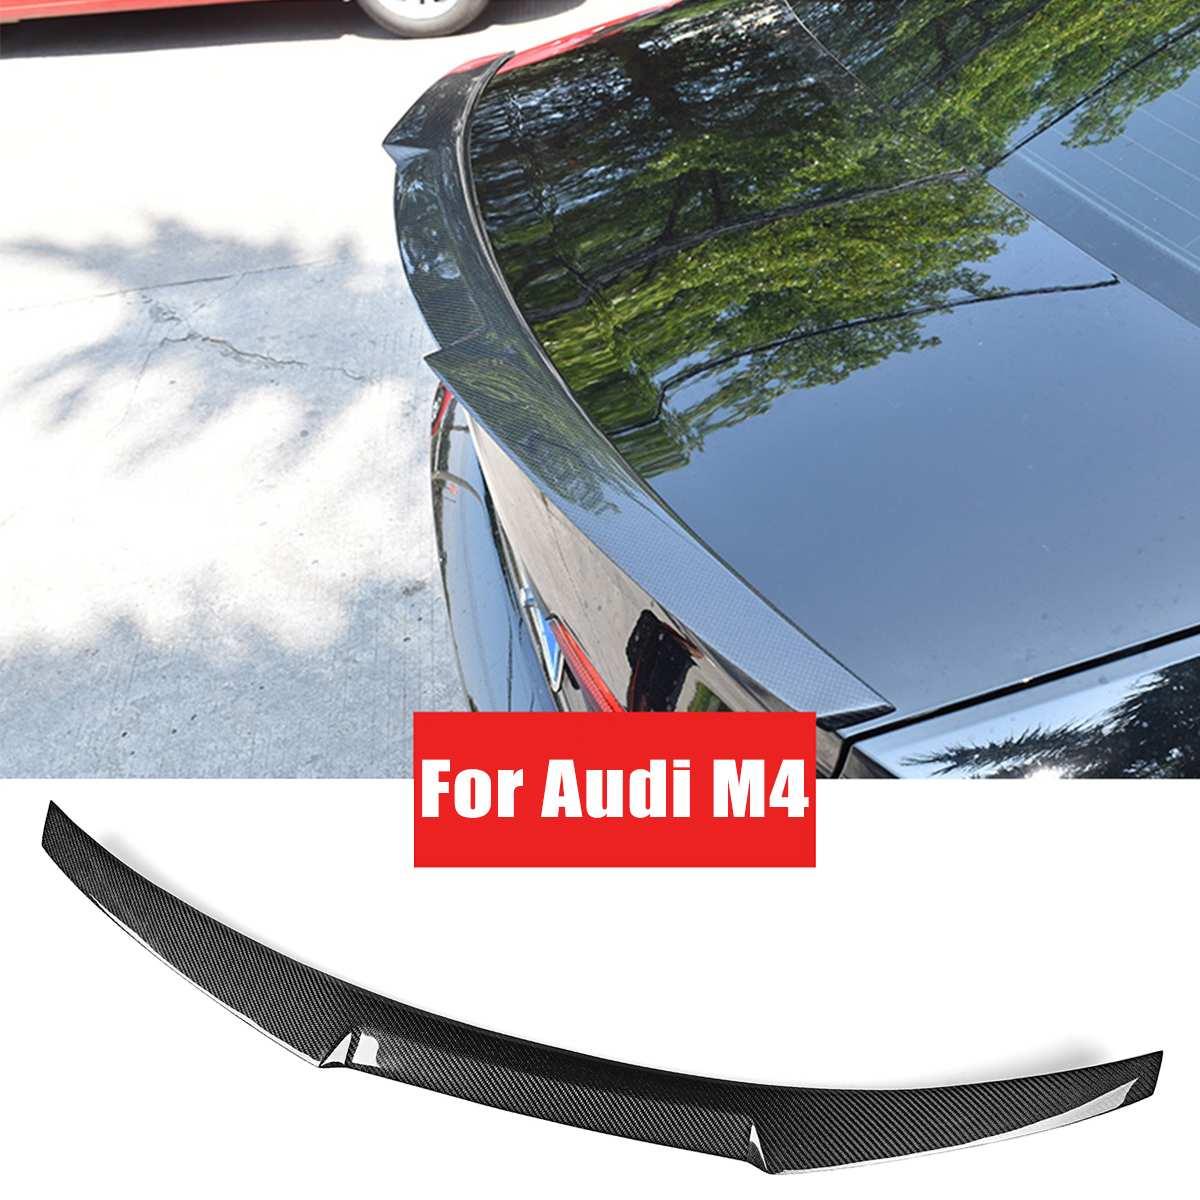 Fibre de carbone matériau coffre arrière Spoiler couvercle de coffre pour Audi A5 F5 Sportback 4 portes M4 2017 2018